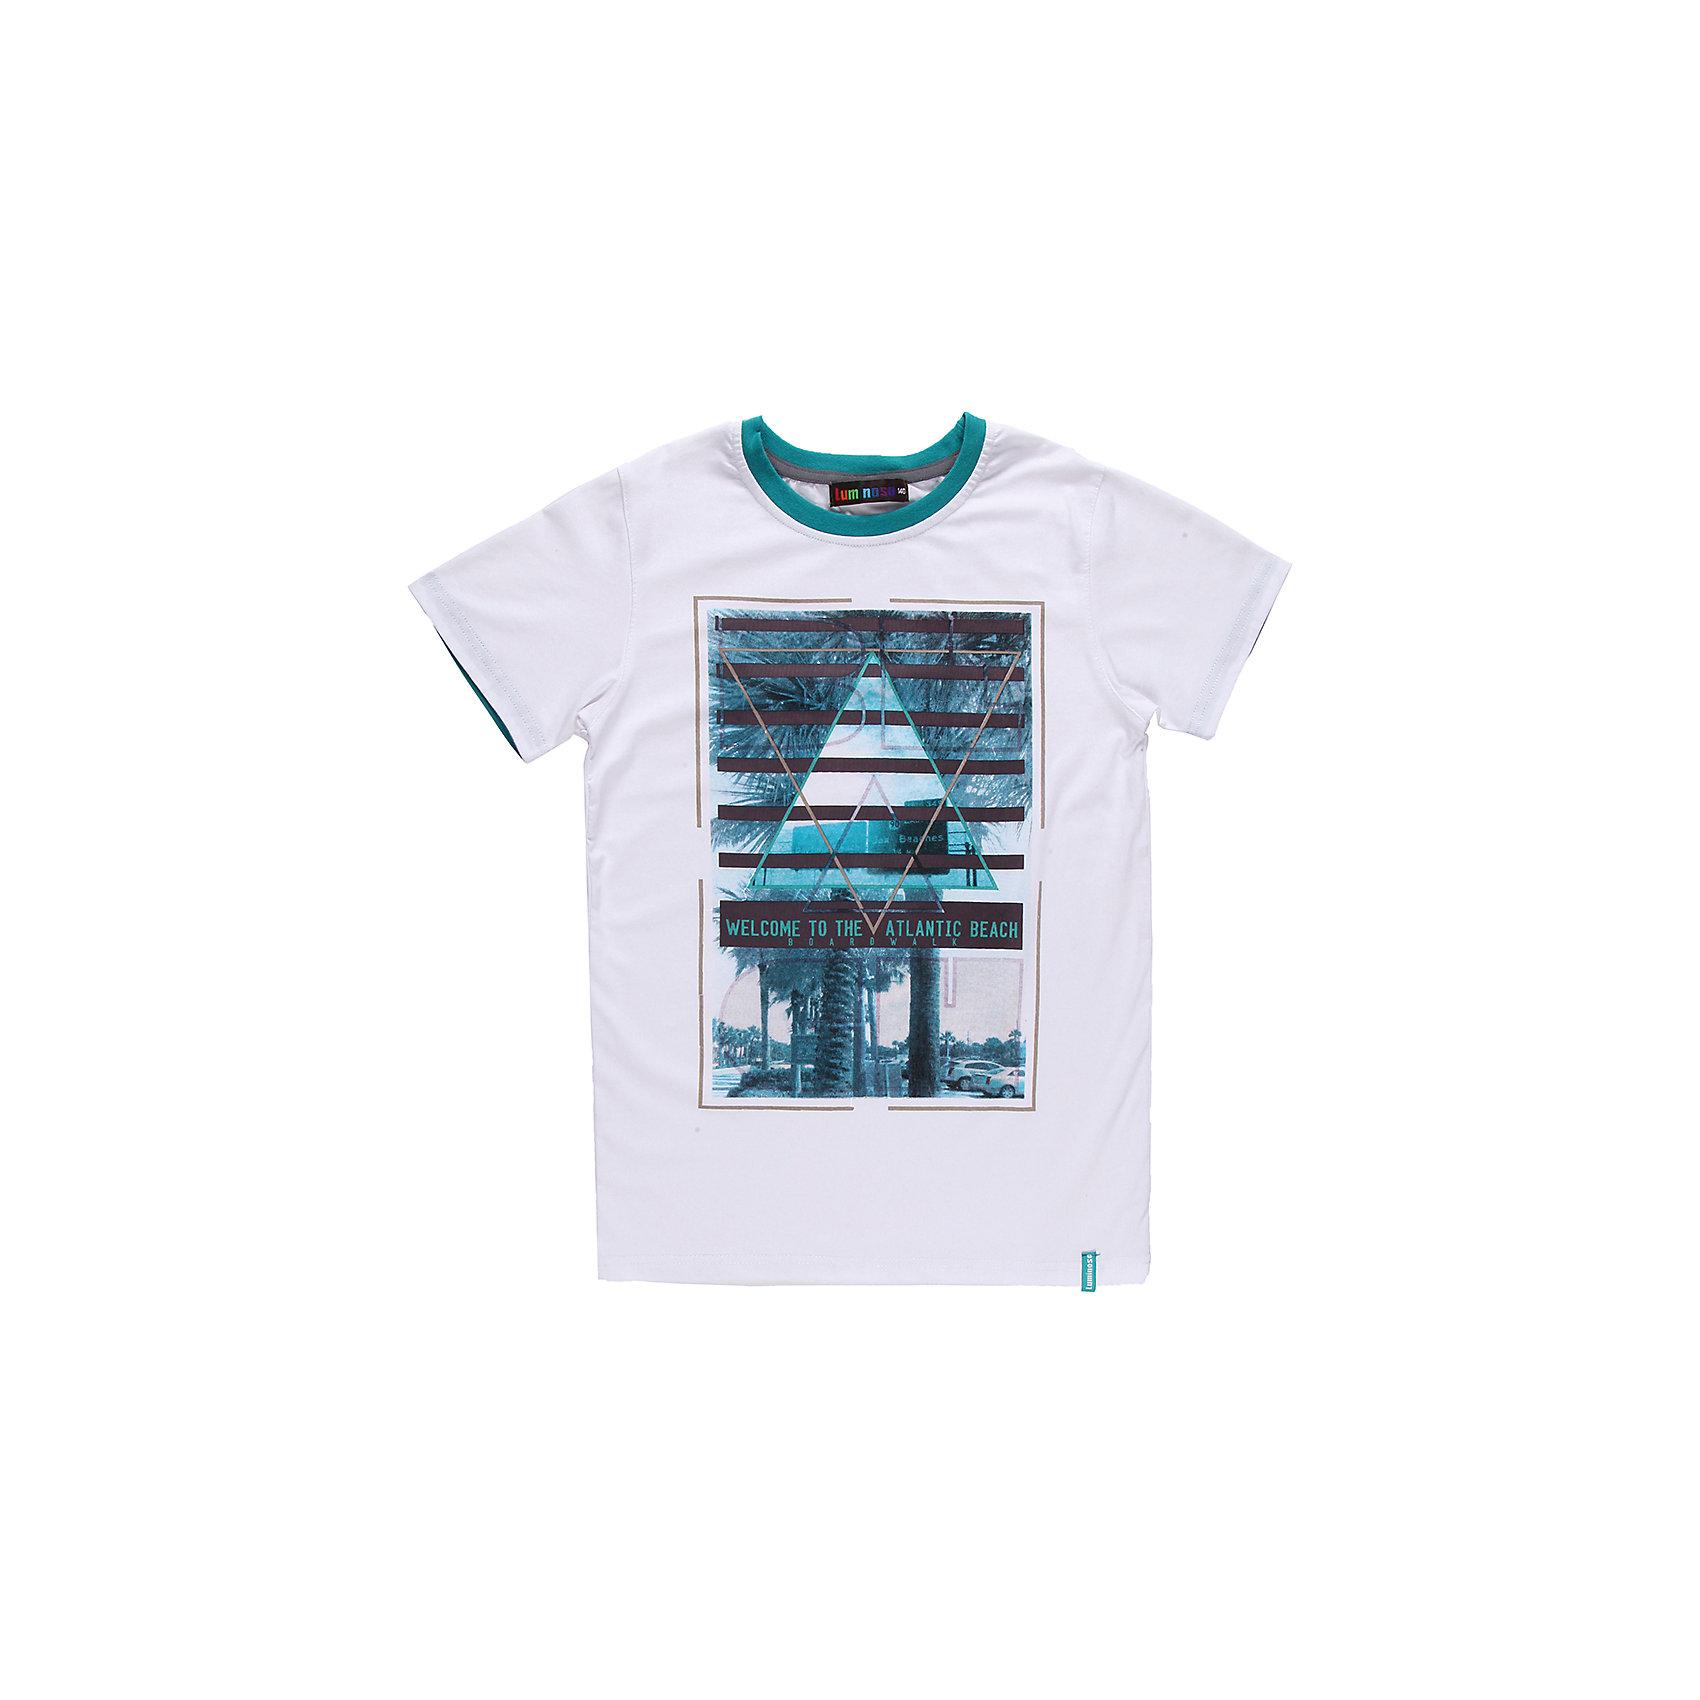 Футболка для мальчика LuminosoЯркая футболка для мальчика. Горловина из эластичной трикотажной резинки контрастного цвета. Футболка украшена ярким принтом.<br>Состав:<br>95% хлопок 5% эластан<br><br>Ширина мм: 199<br>Глубина мм: 10<br>Высота мм: 161<br>Вес г: 151<br>Цвет: белый<br>Возраст от месяцев: 132<br>Возраст до месяцев: 144<br>Пол: Мужской<br>Возраст: Детский<br>Размер: 152,140,146,158,164,134<br>SKU: 4523286